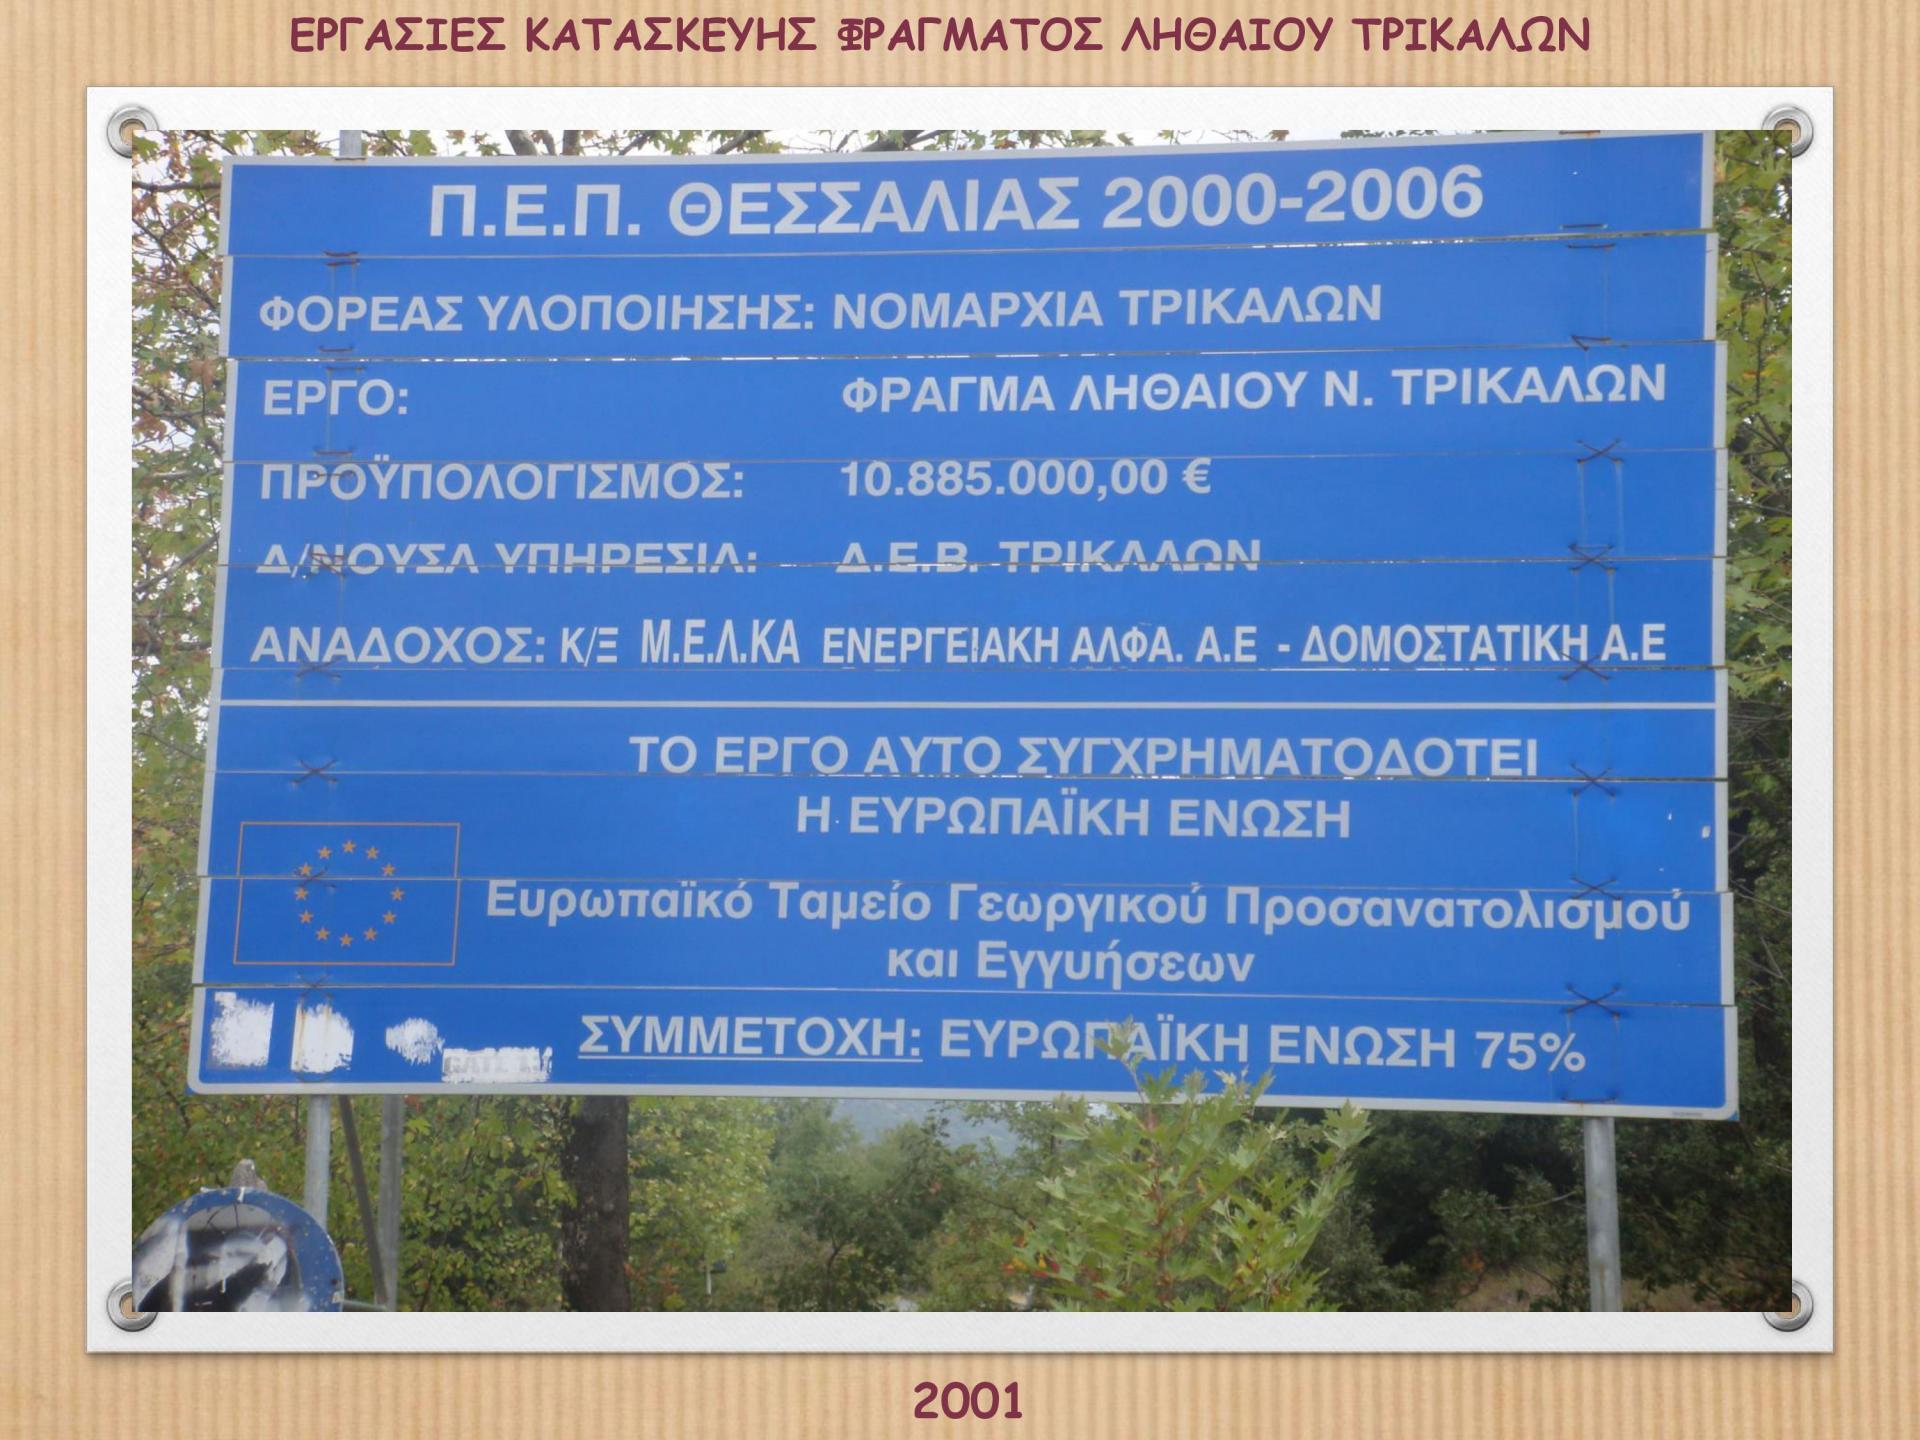 Πινακίδα πληροφοριών Φράγματος Ληθαίου